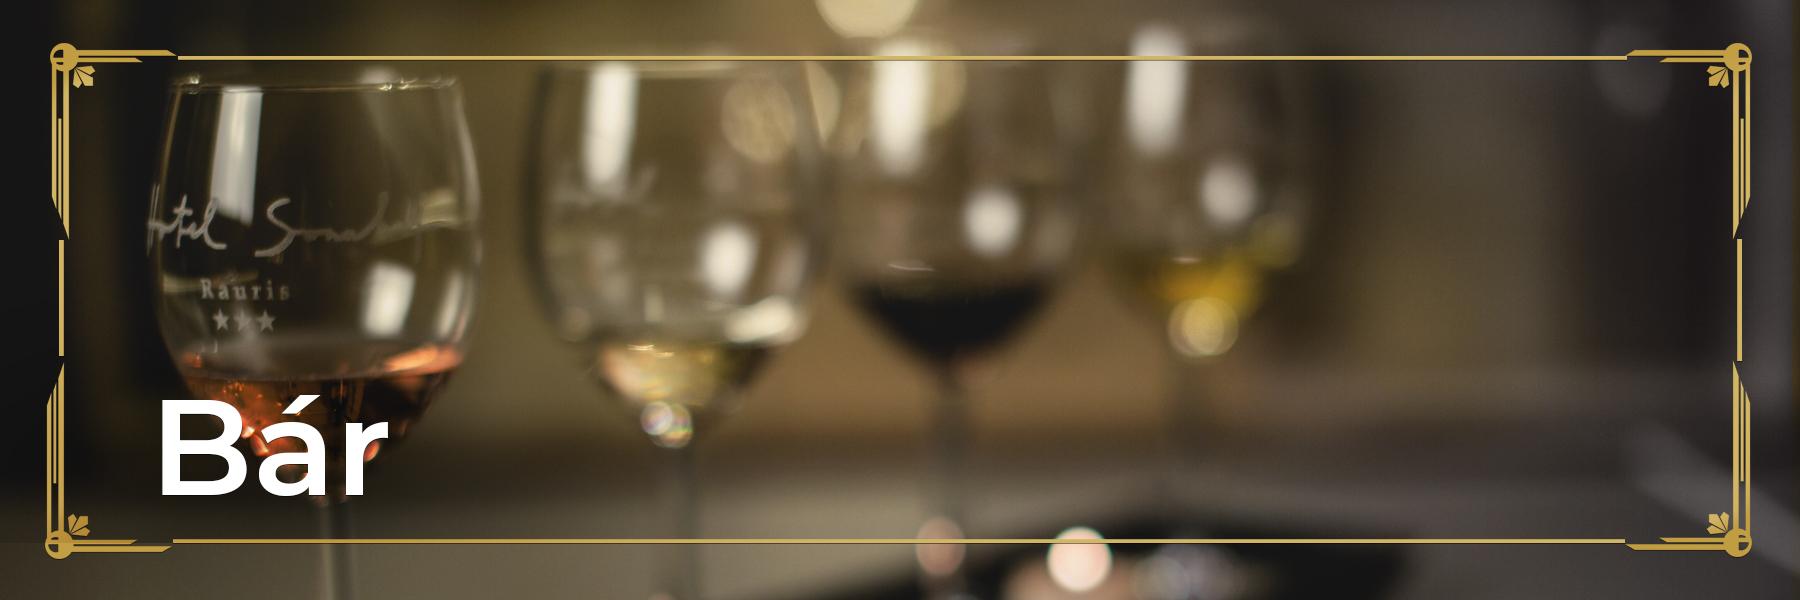 Four glasses of wine half full